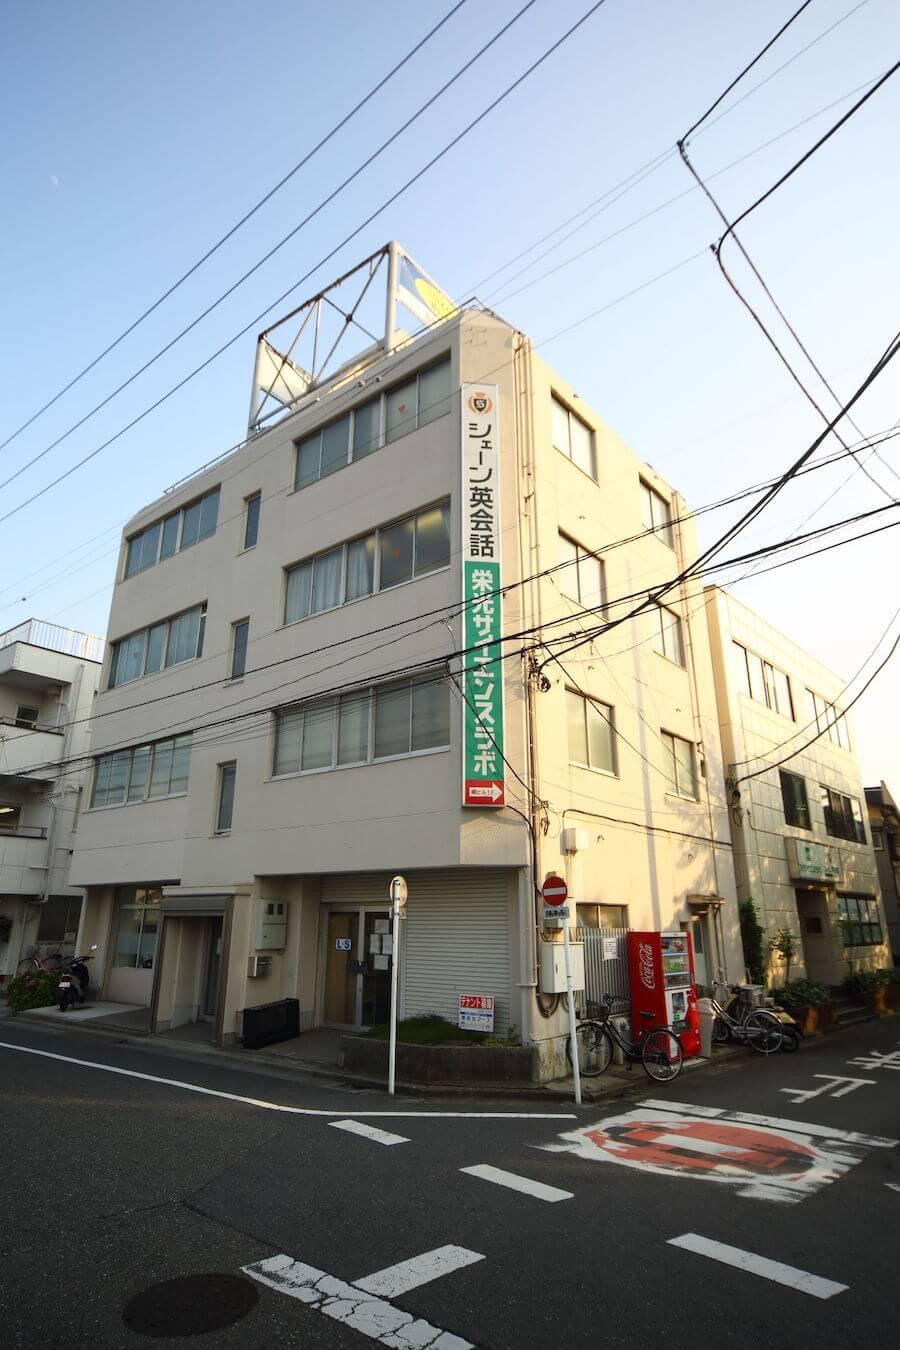 田村社会保険労務士事務所(埼玉障害年金相談センター)の外観